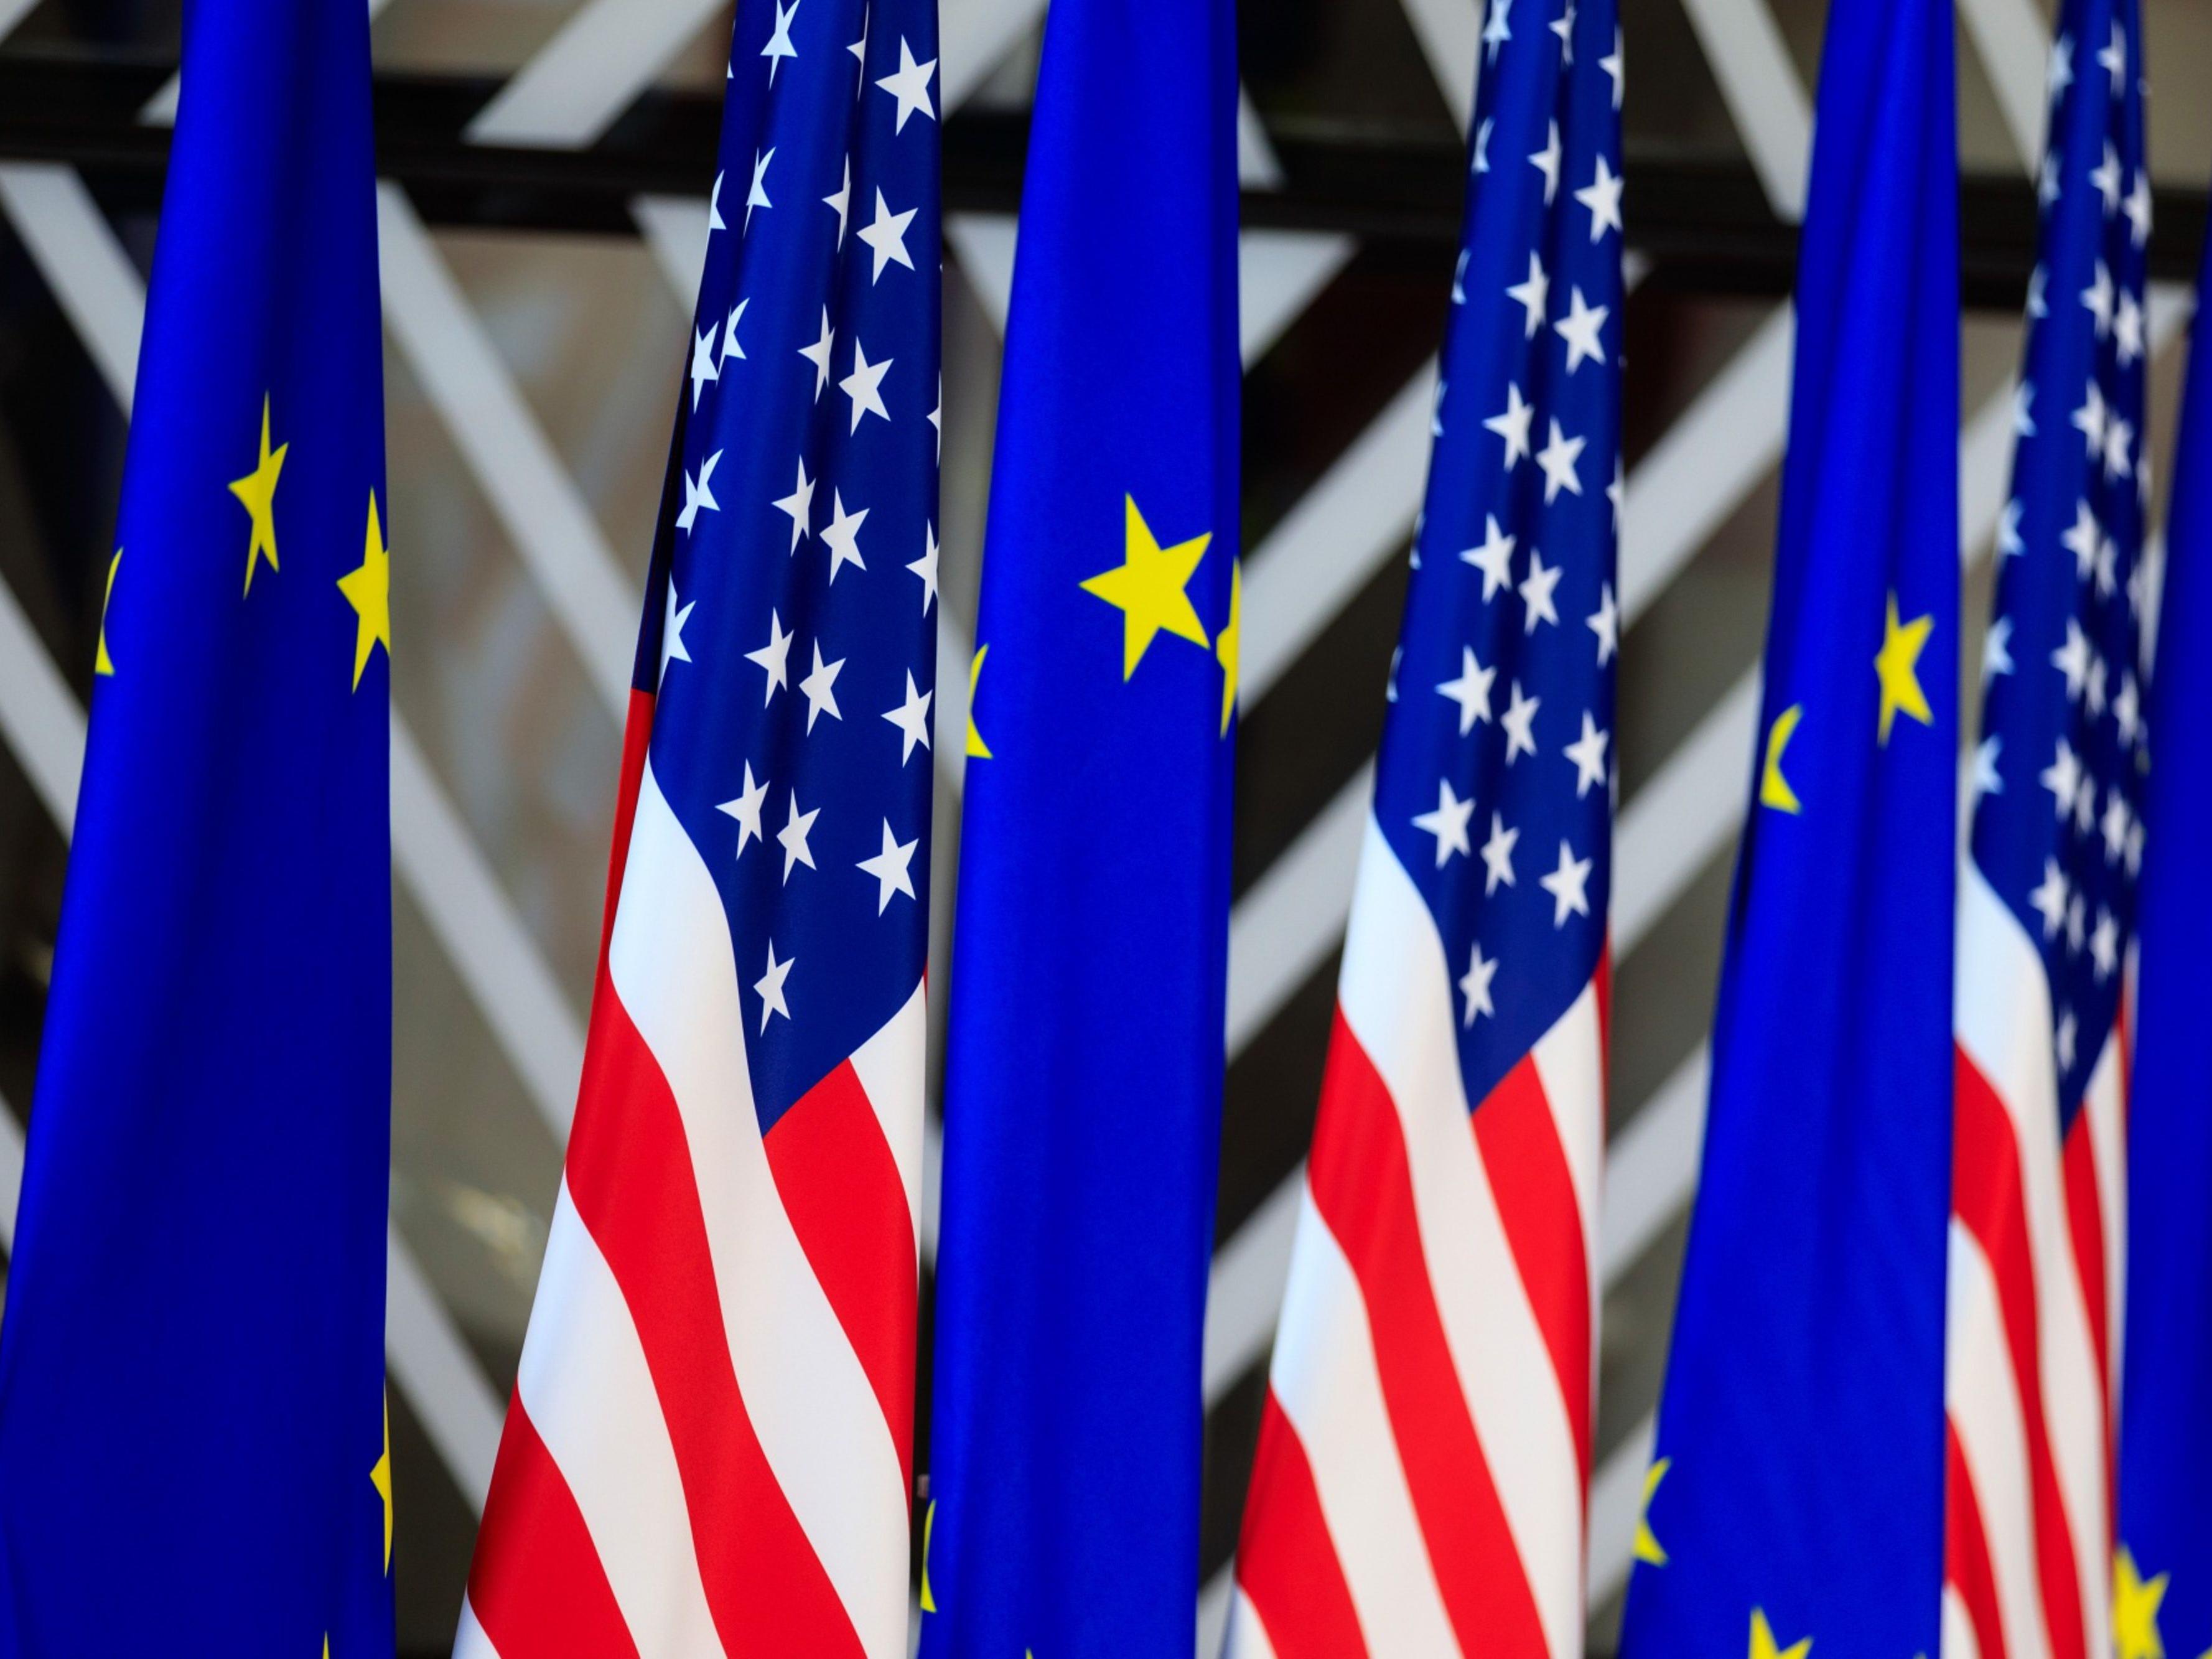 U.S. and EU flags